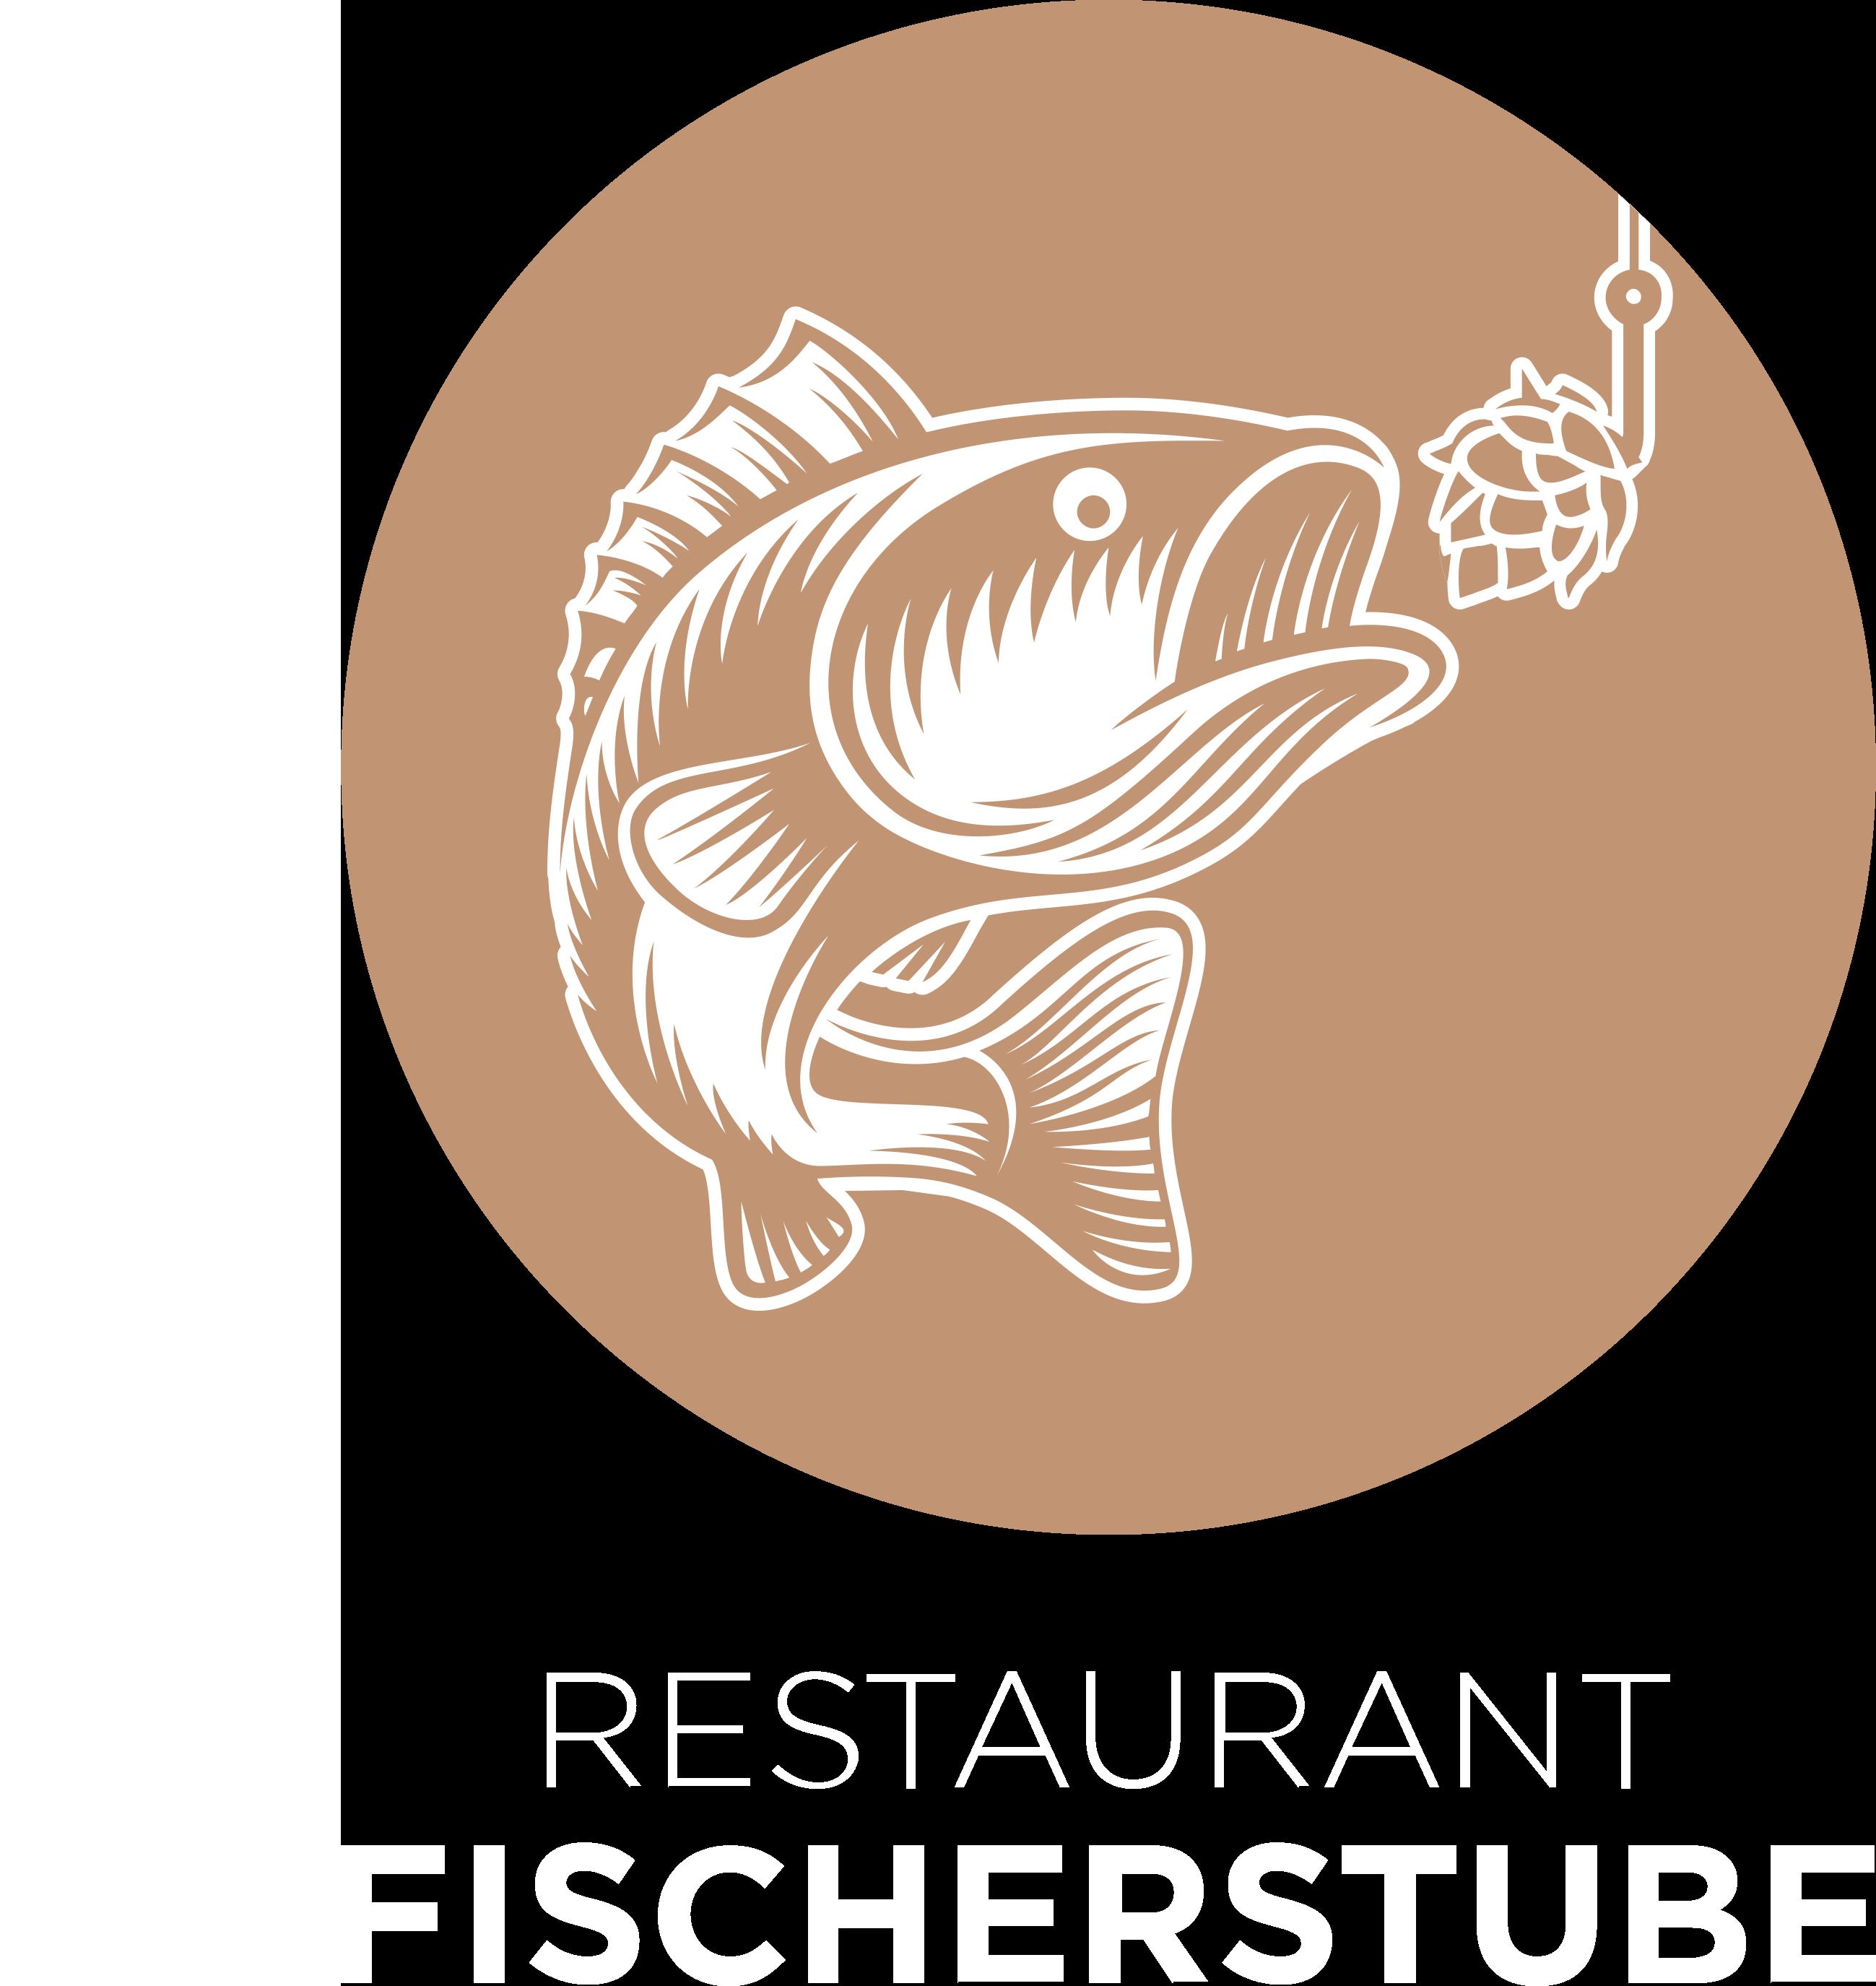 Restaurant Fischerstube